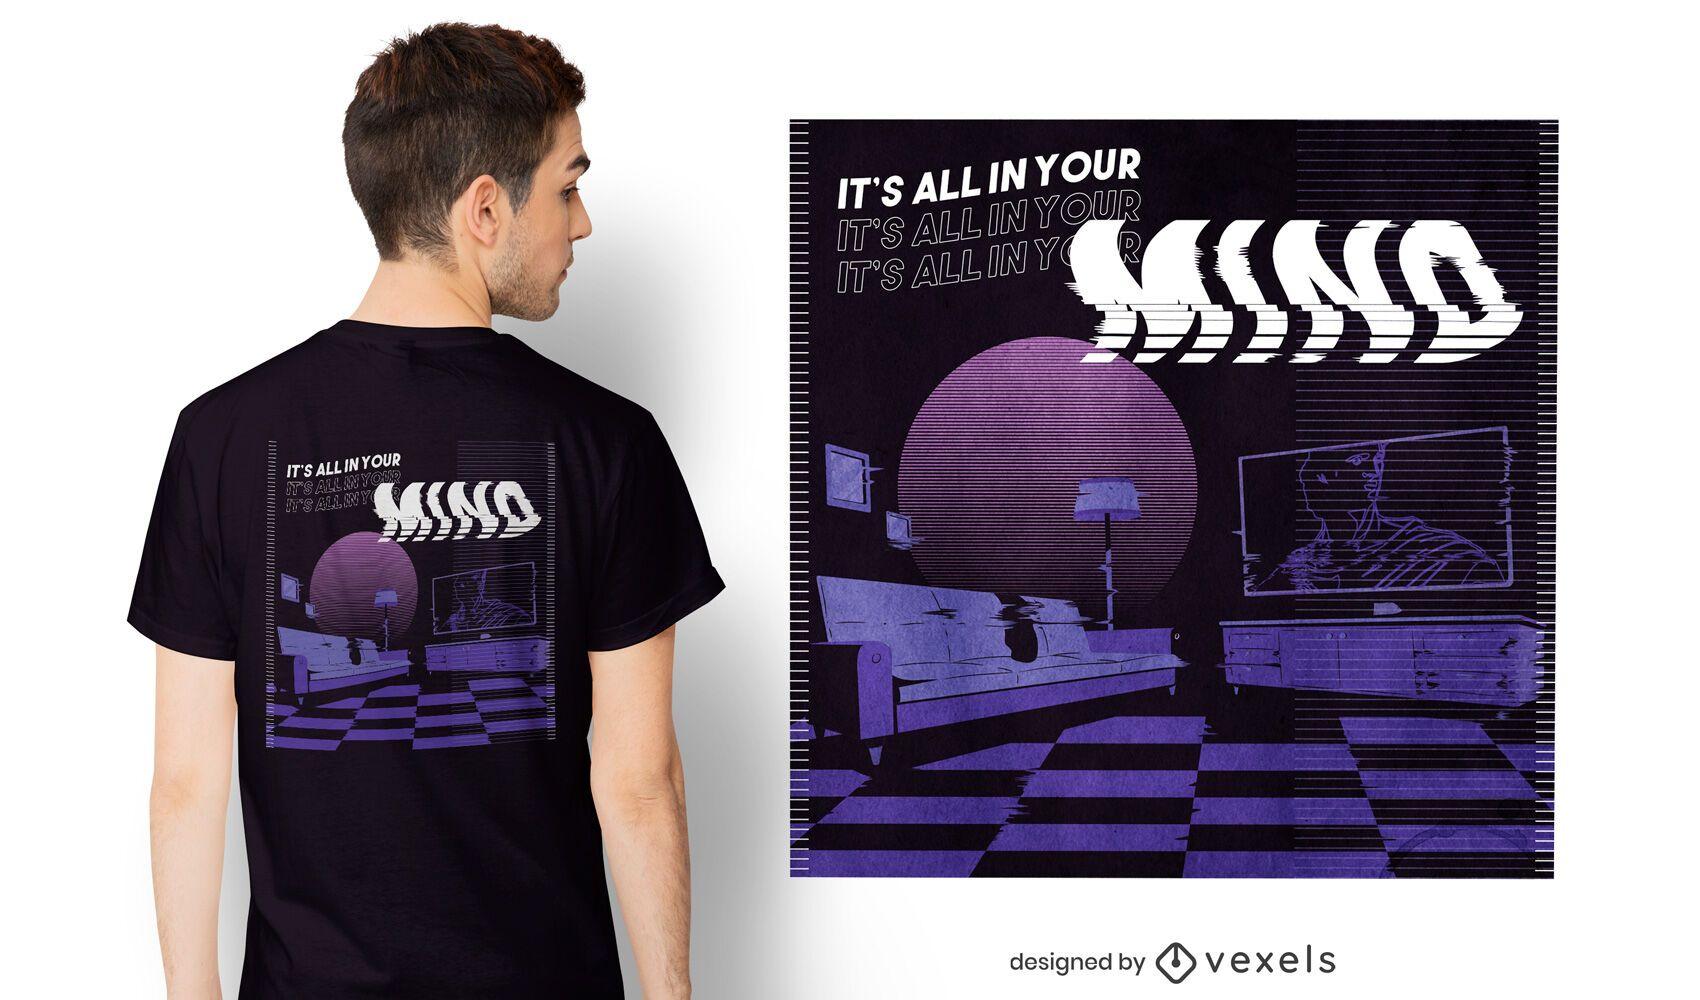 All in your mind vaporwave t-shirt design